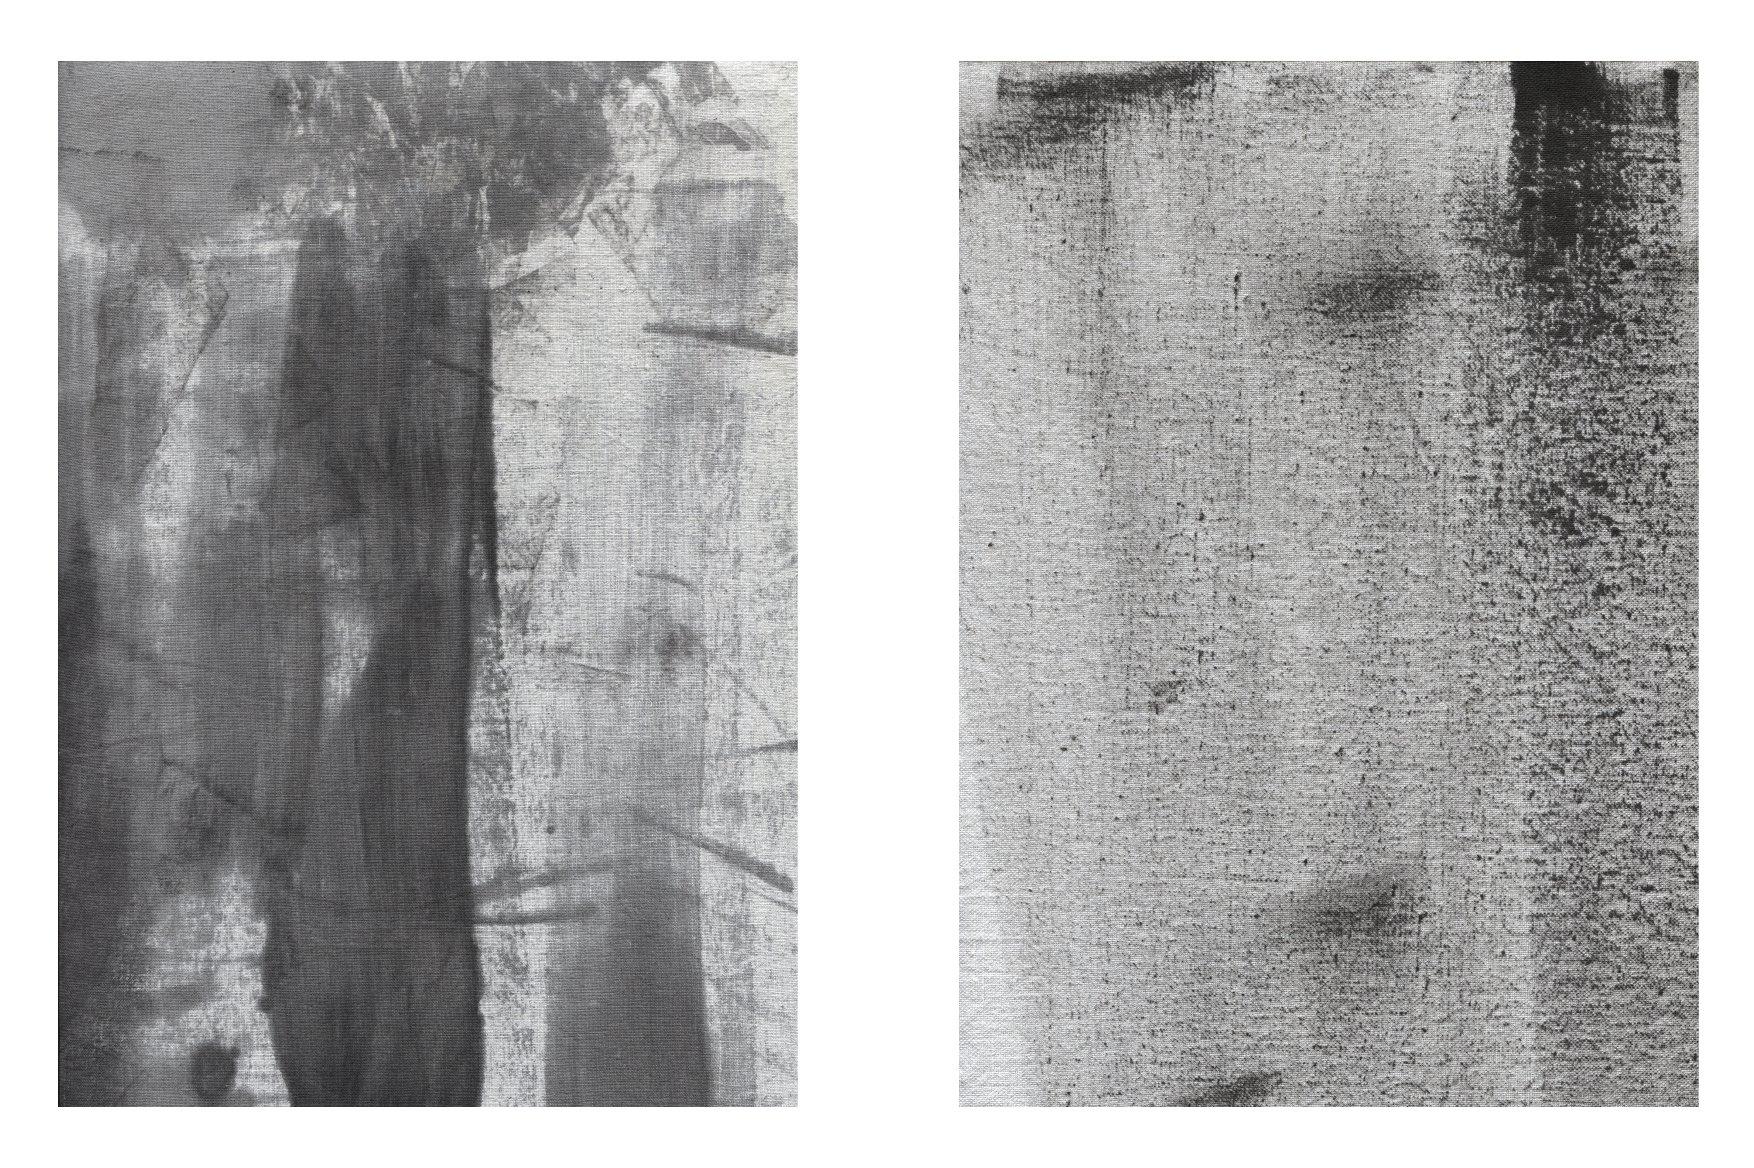 156款复古做旧折痕磨损褶皱纸张背景纹理素材合集 The Grunge Texture Bundle Vol. 1插图(7)